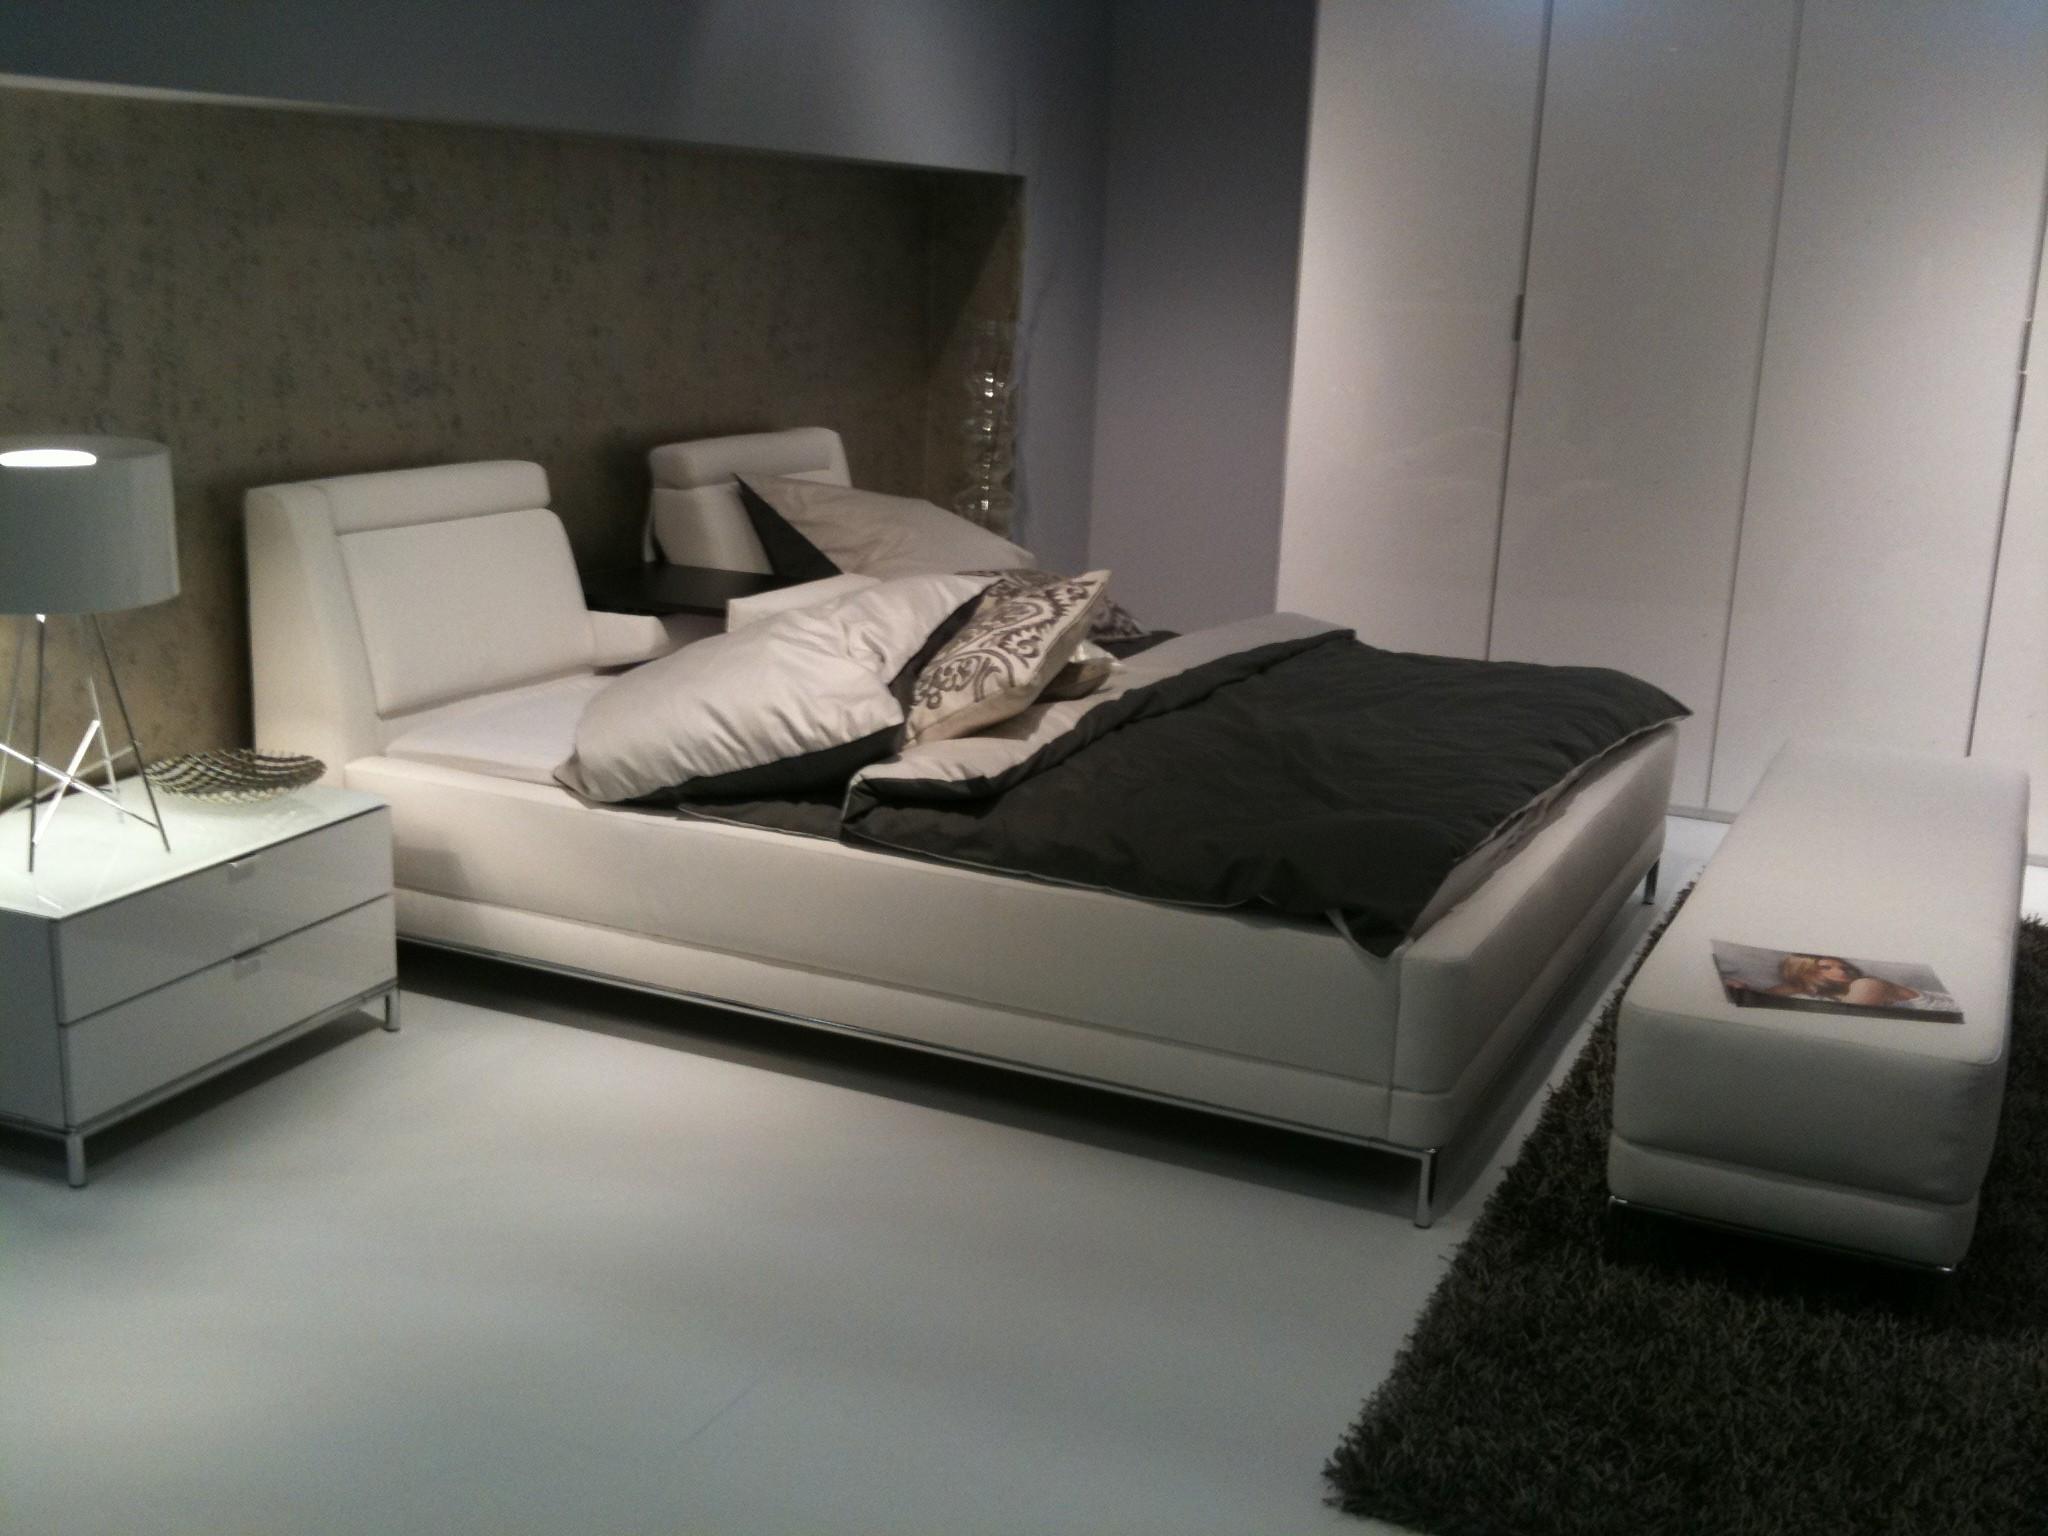 Full Size of Designer Betten Bett Modell 1 Chiraz Modellmbel Esstisch Amazon Günstig Kaufen Somnus Trends 140x200 Weiß Meise Günstige Rauch Außergewöhnliche Musterring Bett Designer Betten